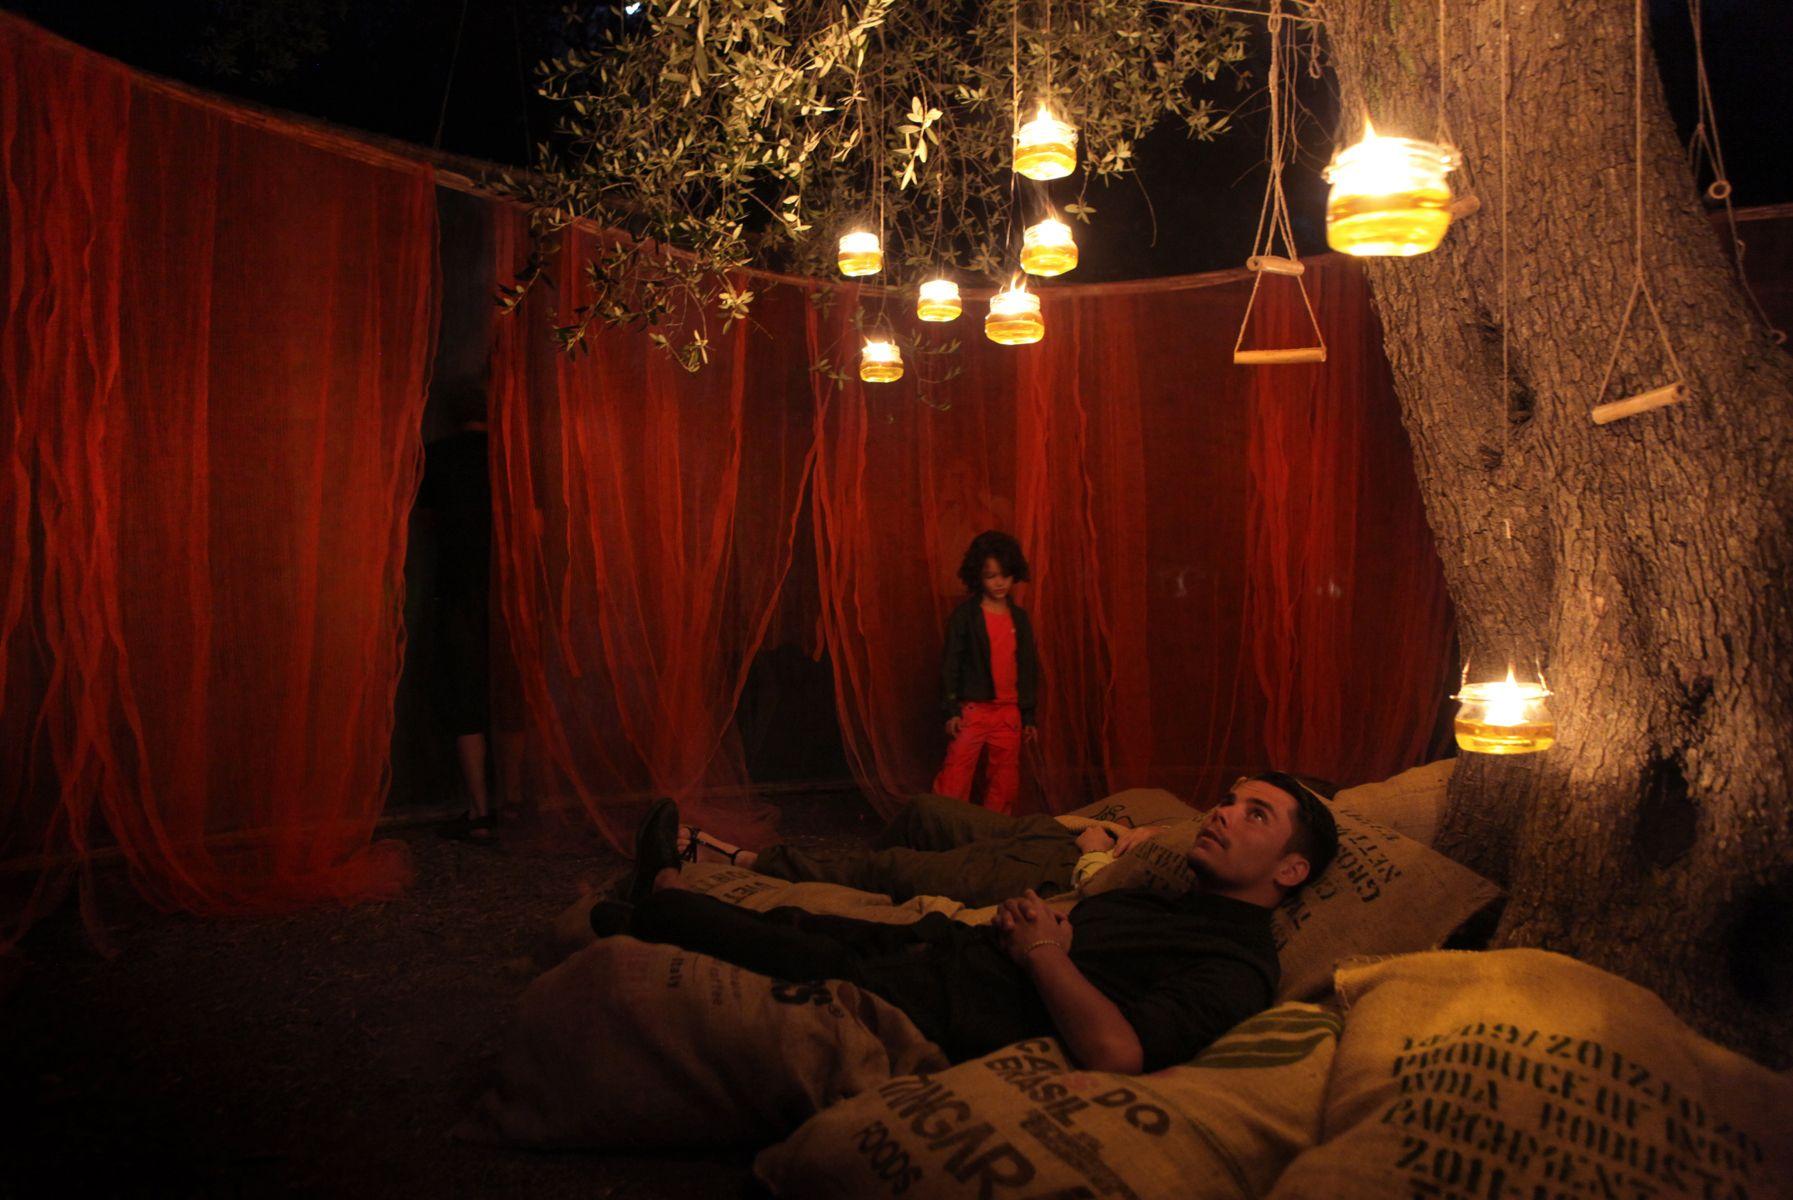 Wedding night bedroom decoration ideas  LOVO ÉCRU ARCHITETTI SIMONA BERTOLETTI FILIPPO CAVALLI ANTONELLO